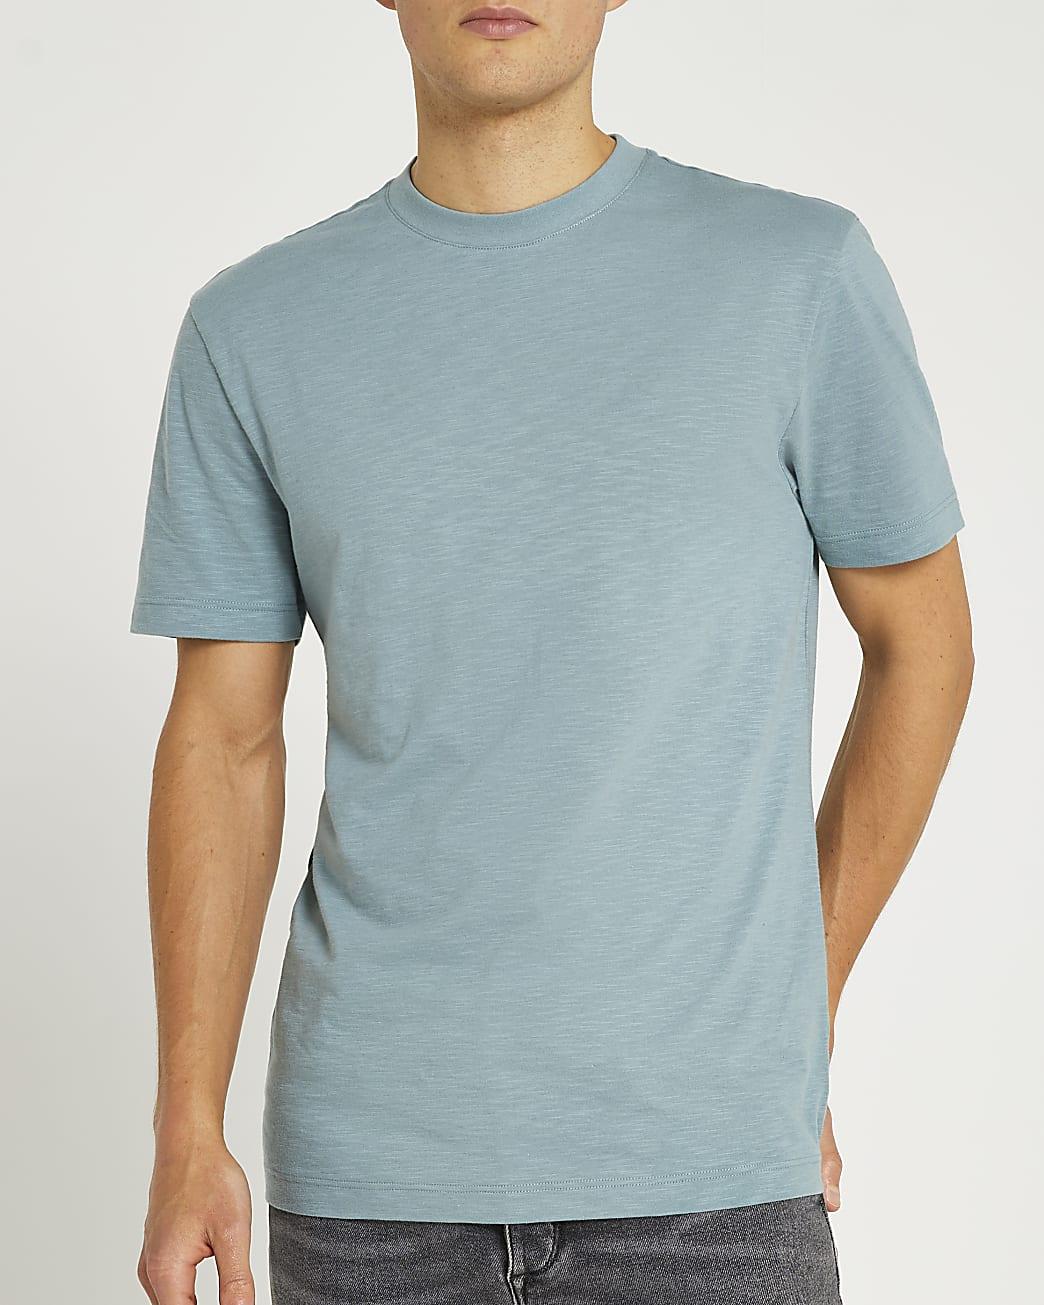 Green slim fit slub t-shirt